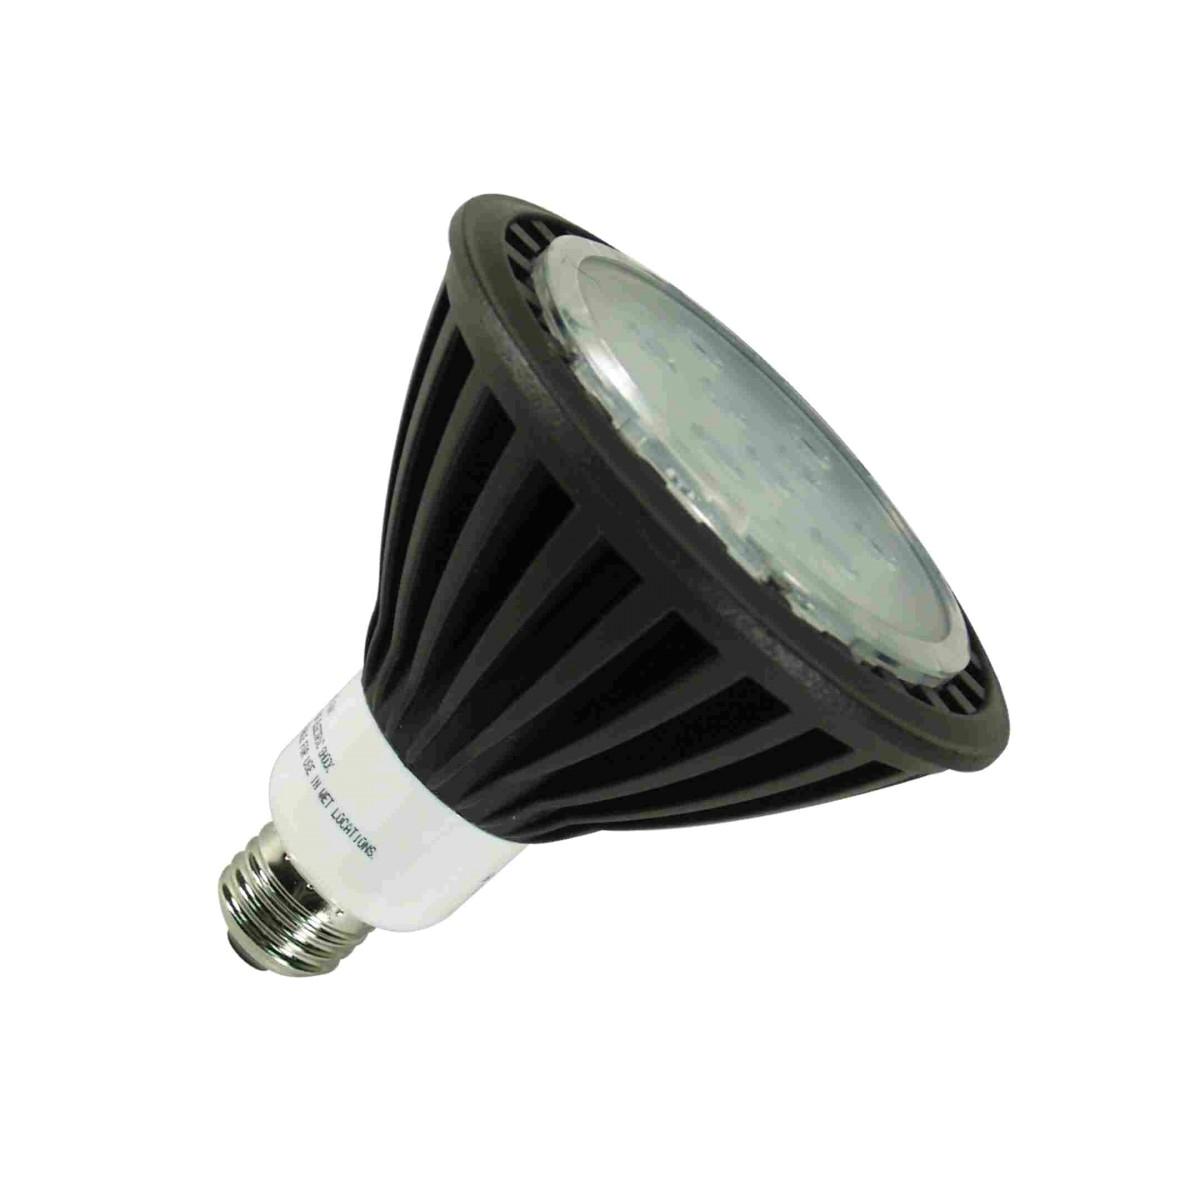 Led Light Bulbs for Trucks Lpar38 16w D Od Led Light Bulbs Led Lighting